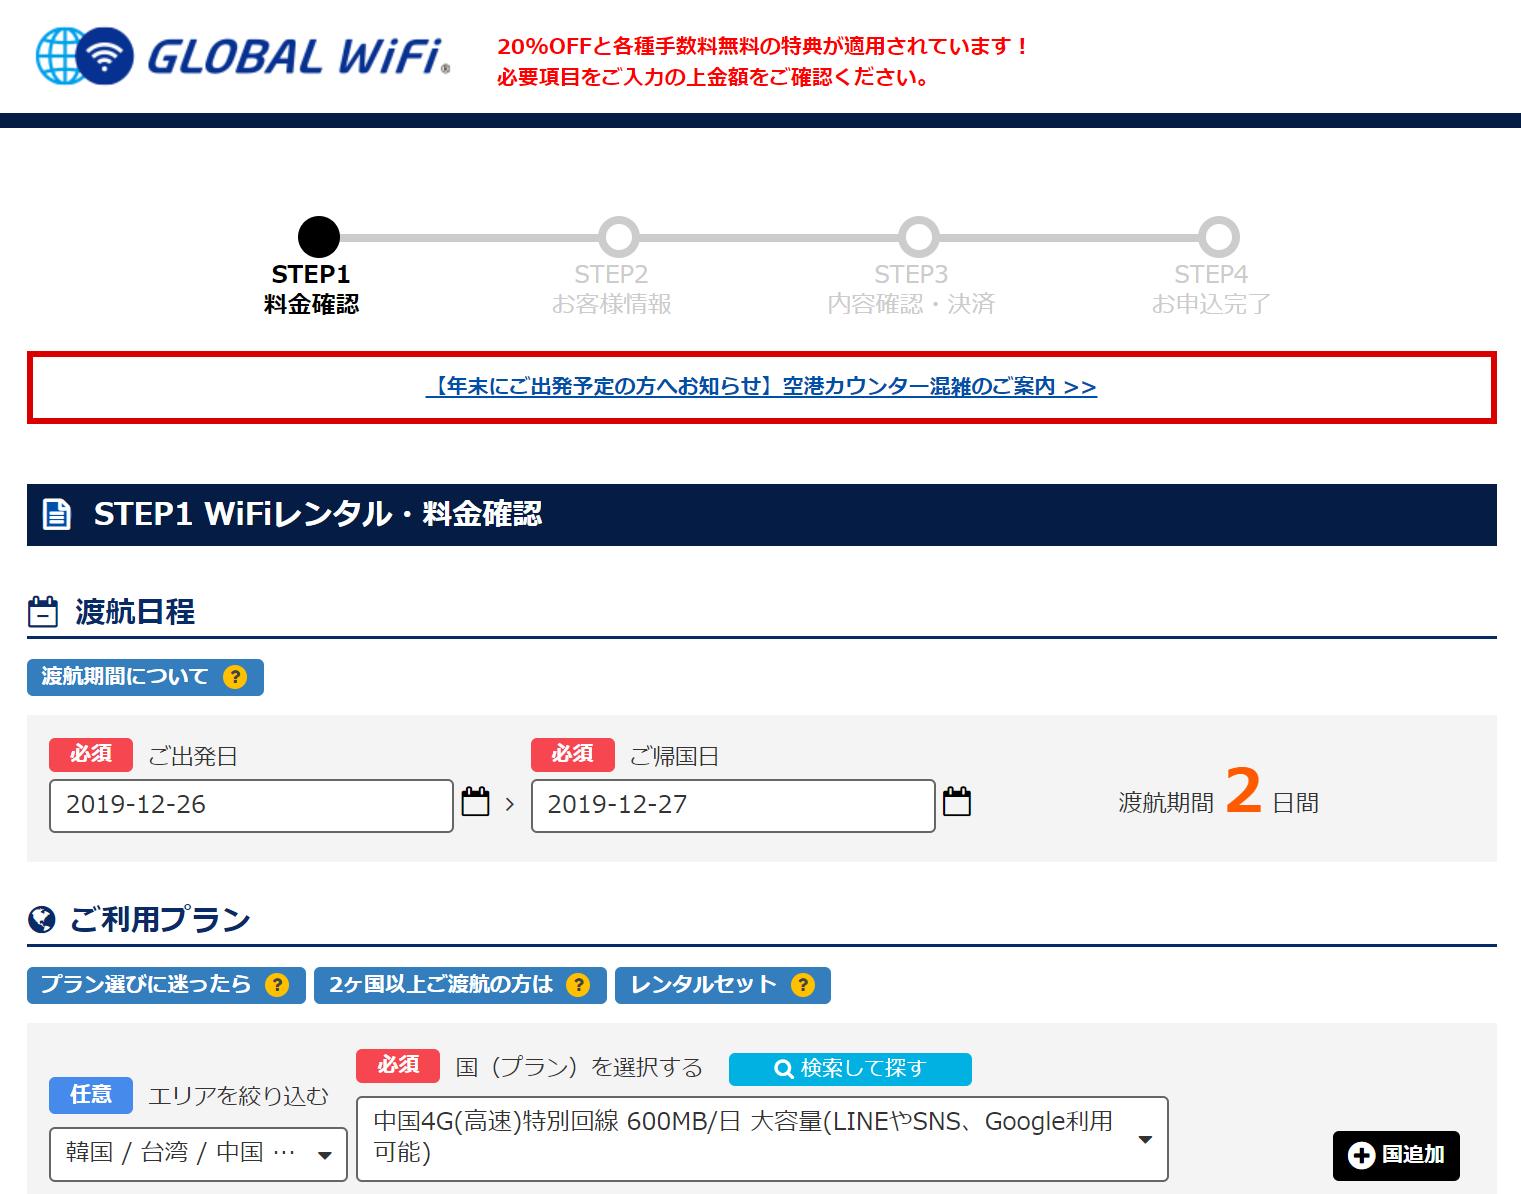 グローバルWiFiの国選択画面